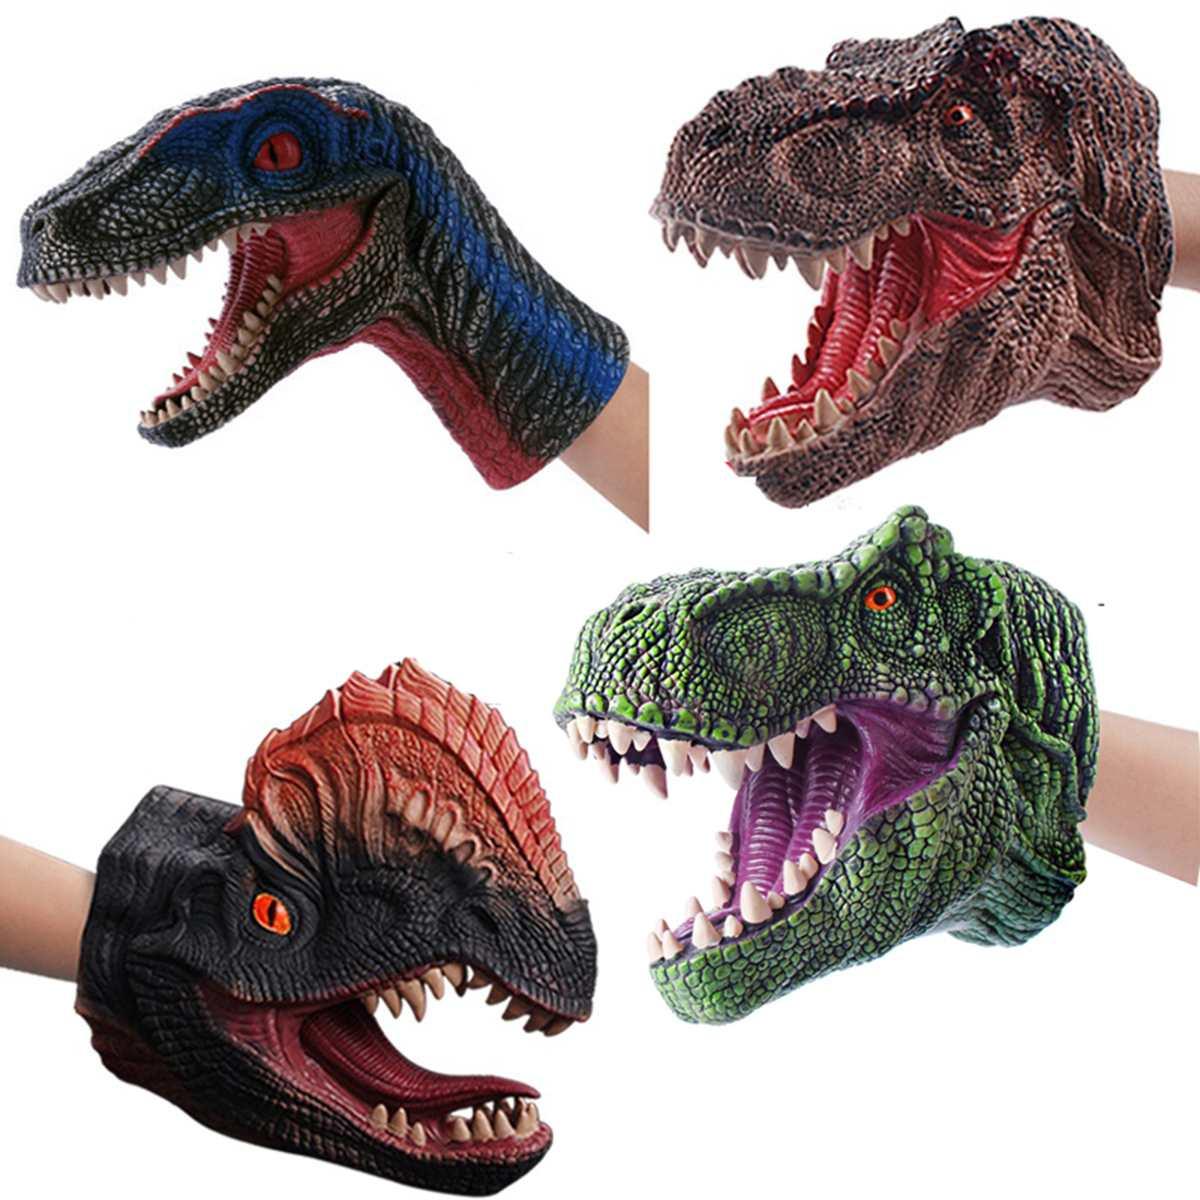 Мягкая виниловая Резина голова животного ручная кукольная фигурка игрушки перчатки для детей модель подарок динозавр ручные кукольные игрушки для детей